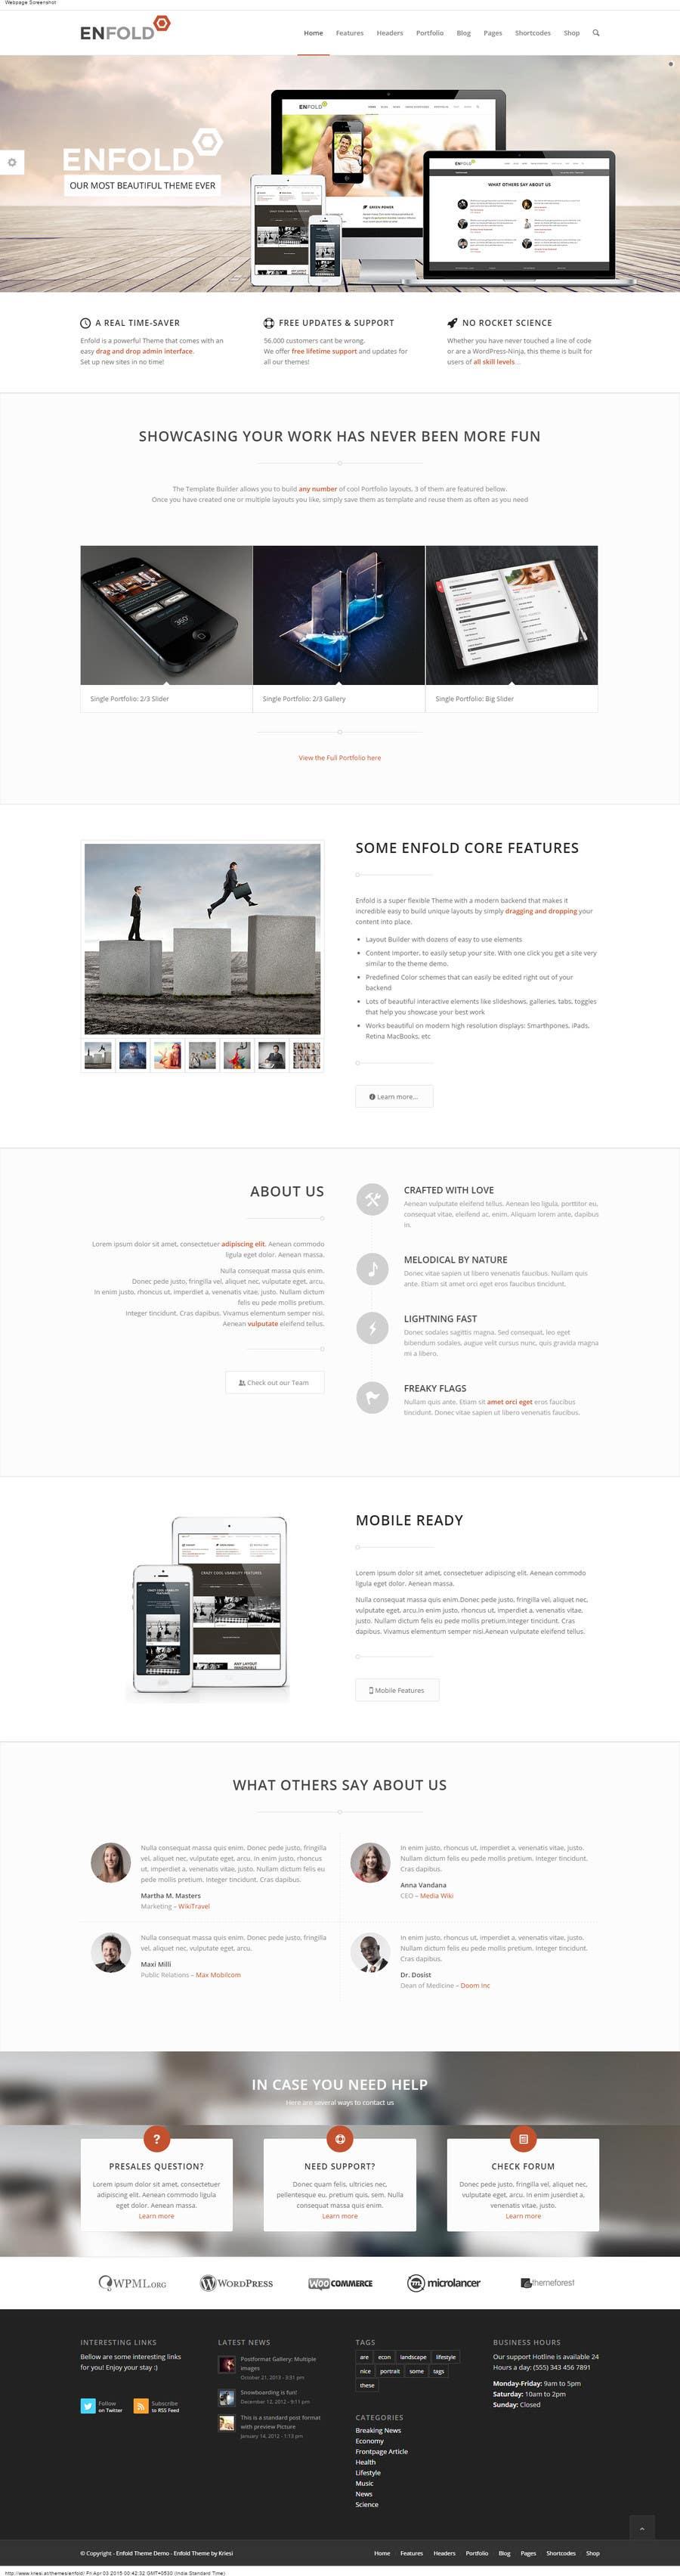 Konkurrenceindlæg #5 for Design a website Mockup for wordpress